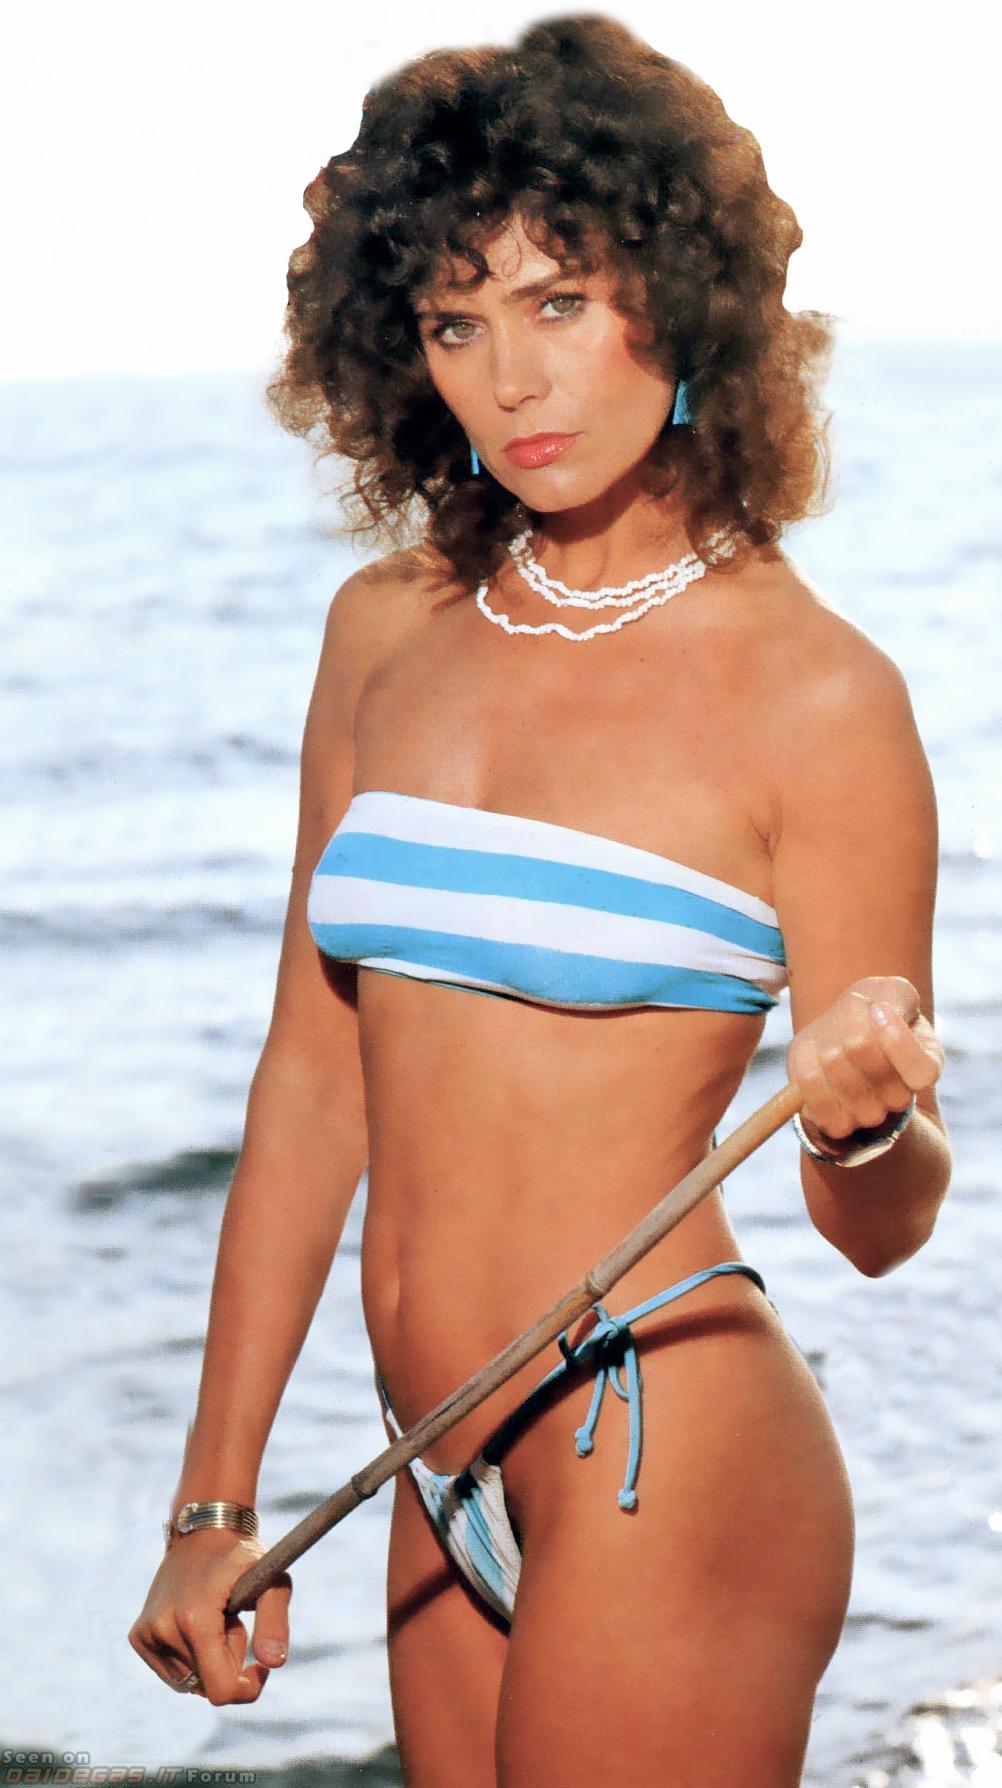 india actress boob show